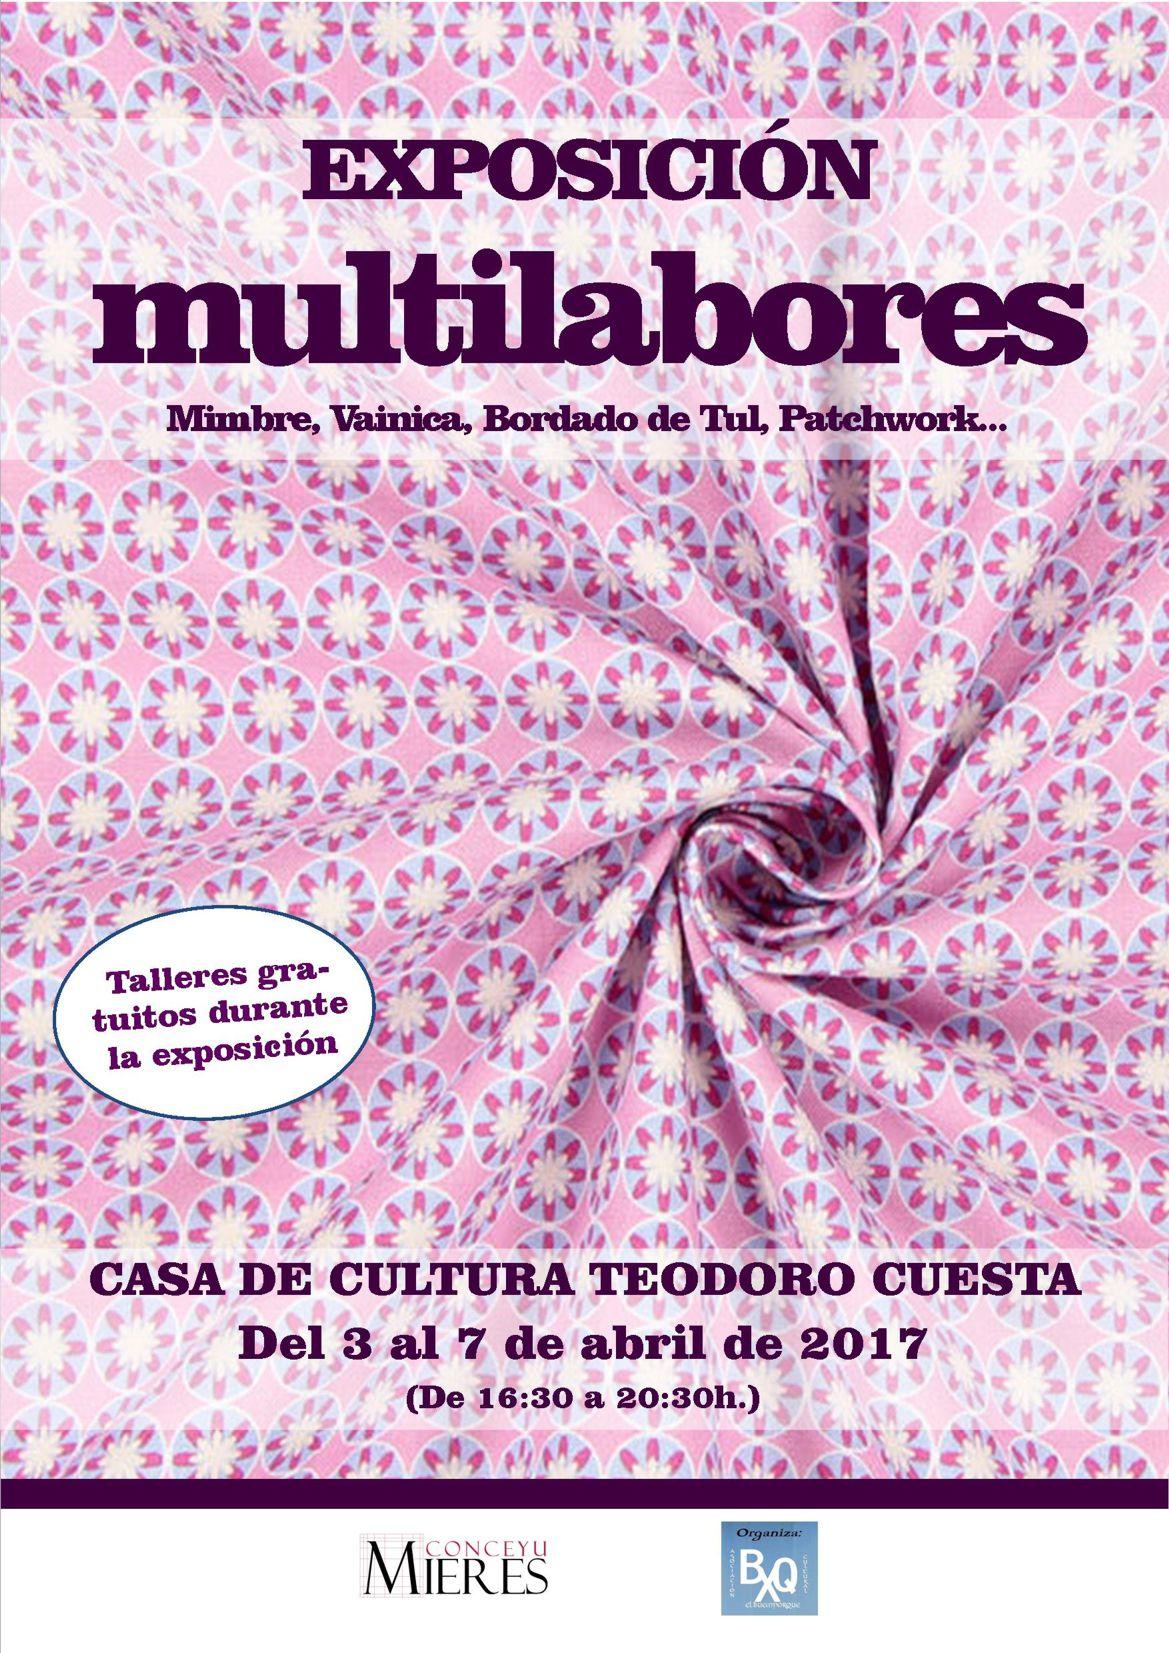 Cartel WEB exposicion multilabores abril 2017